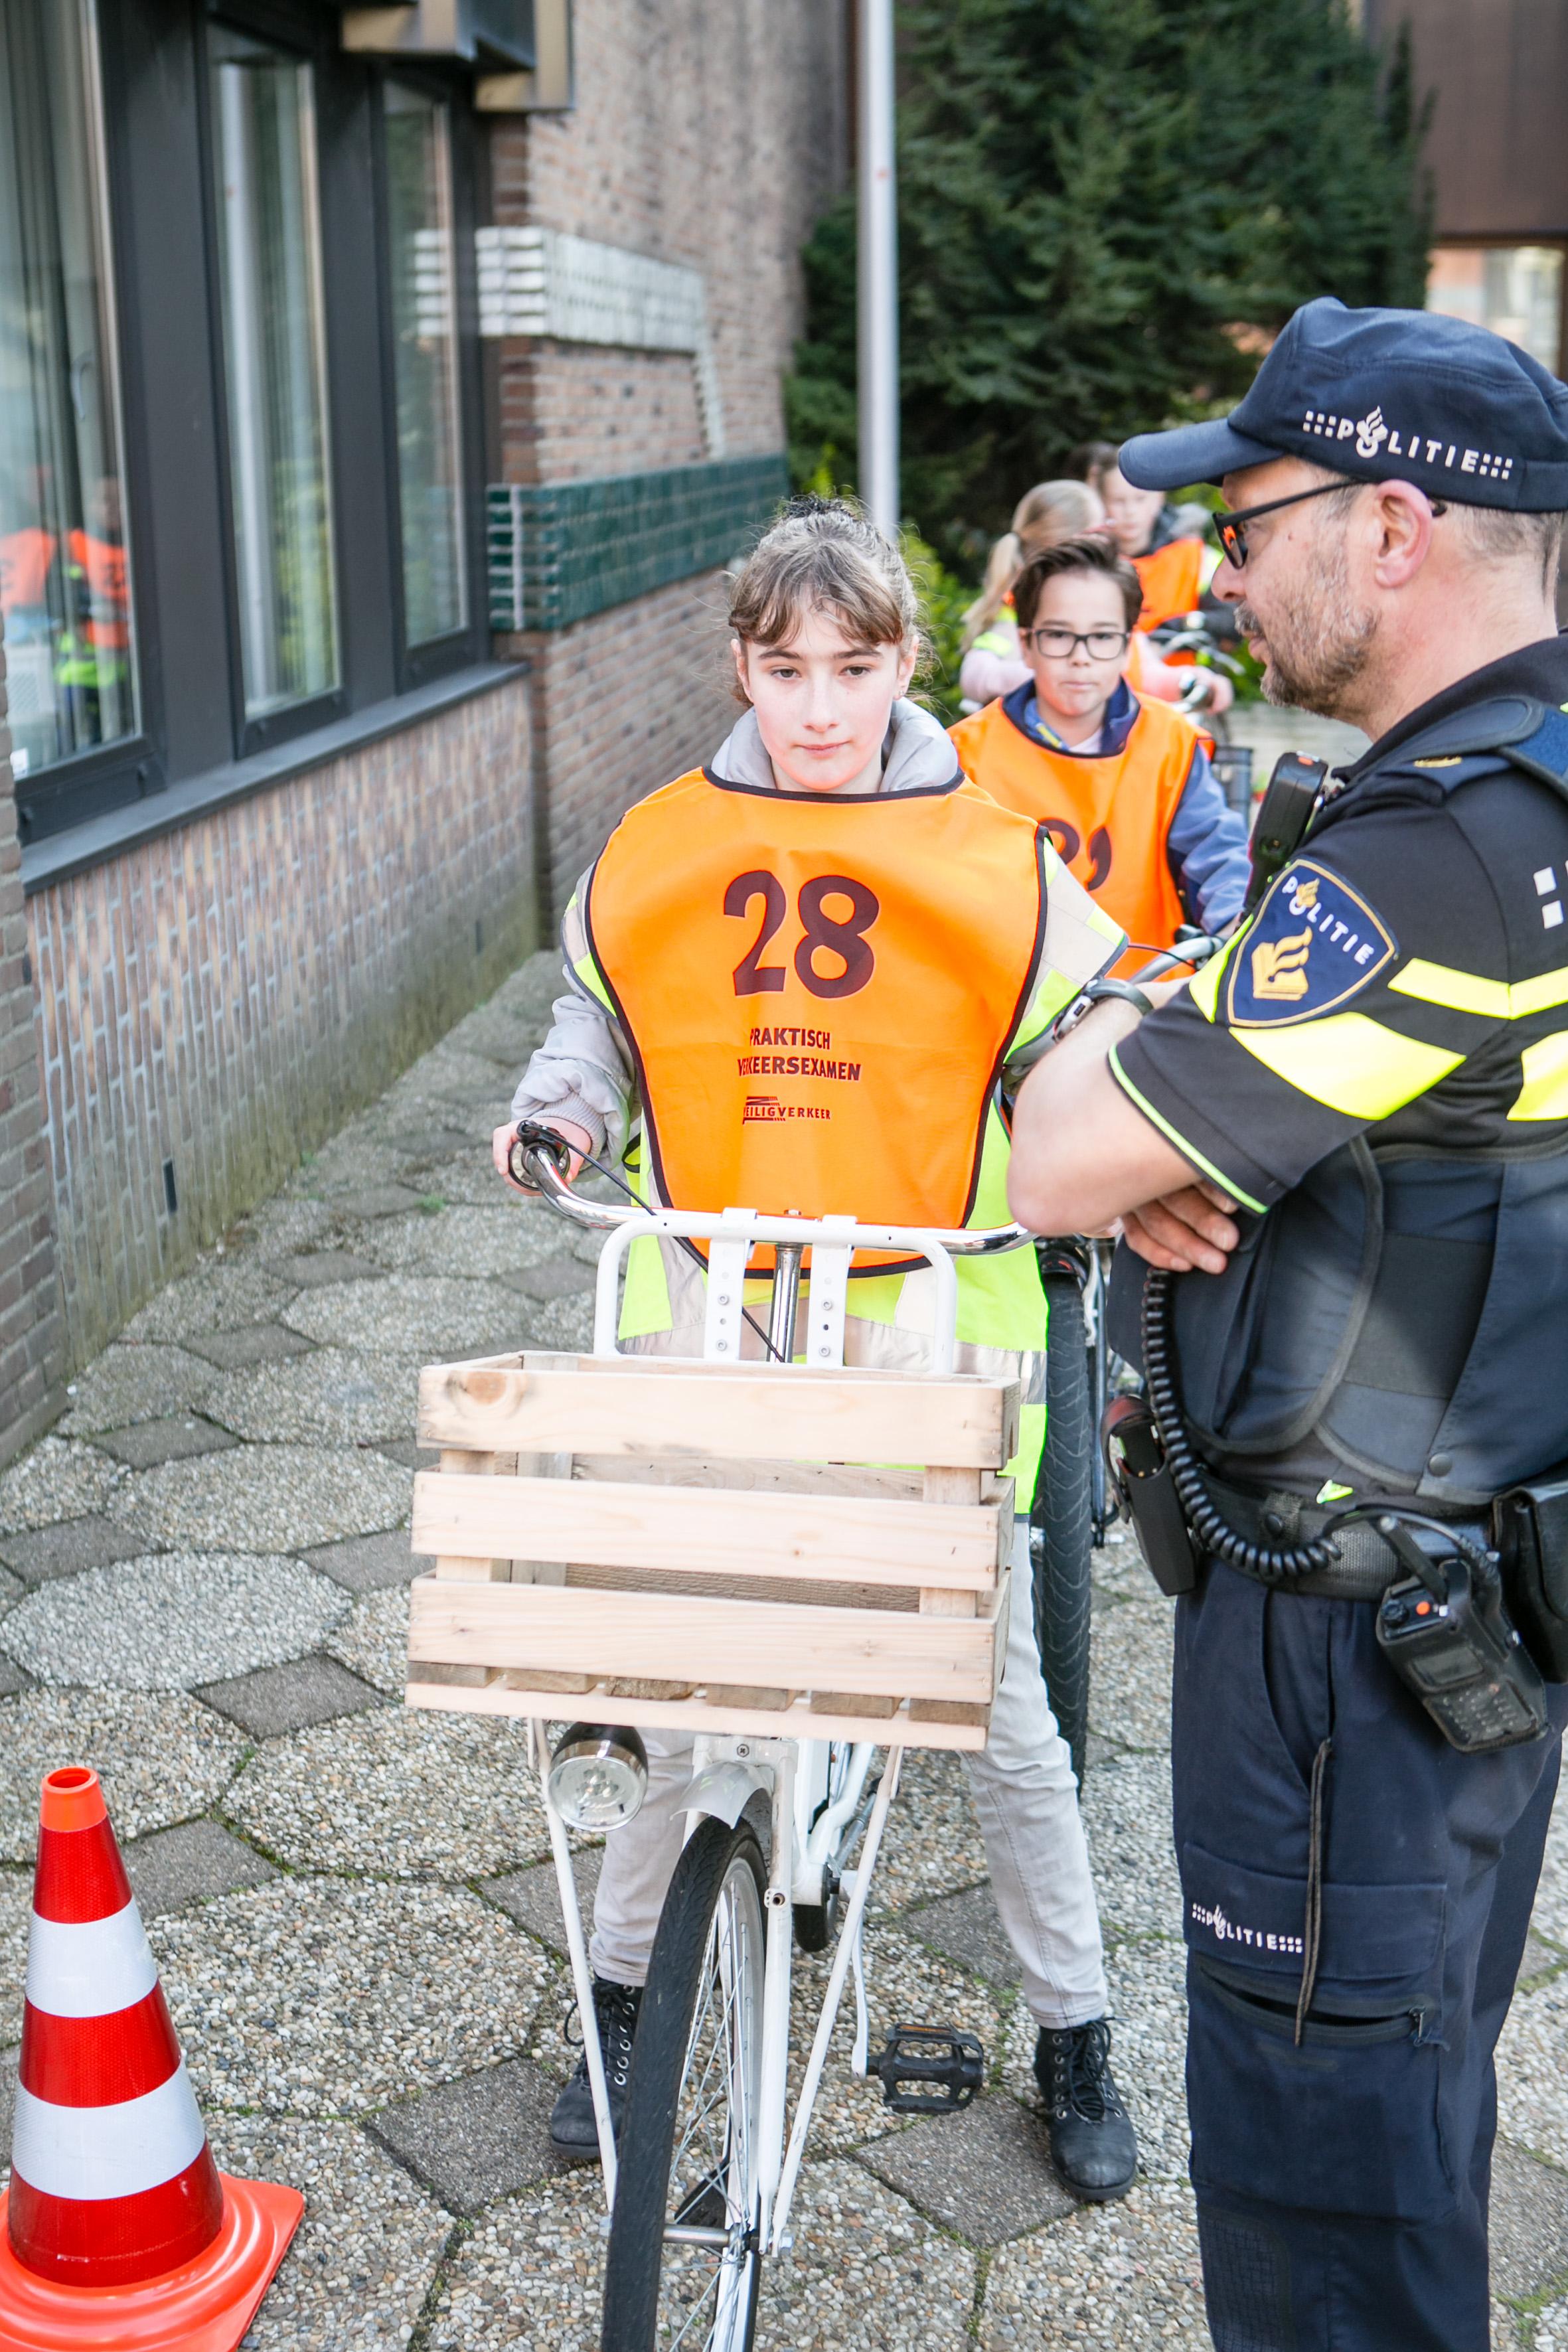 verkeersexamen foto eric van nieuwland 075631